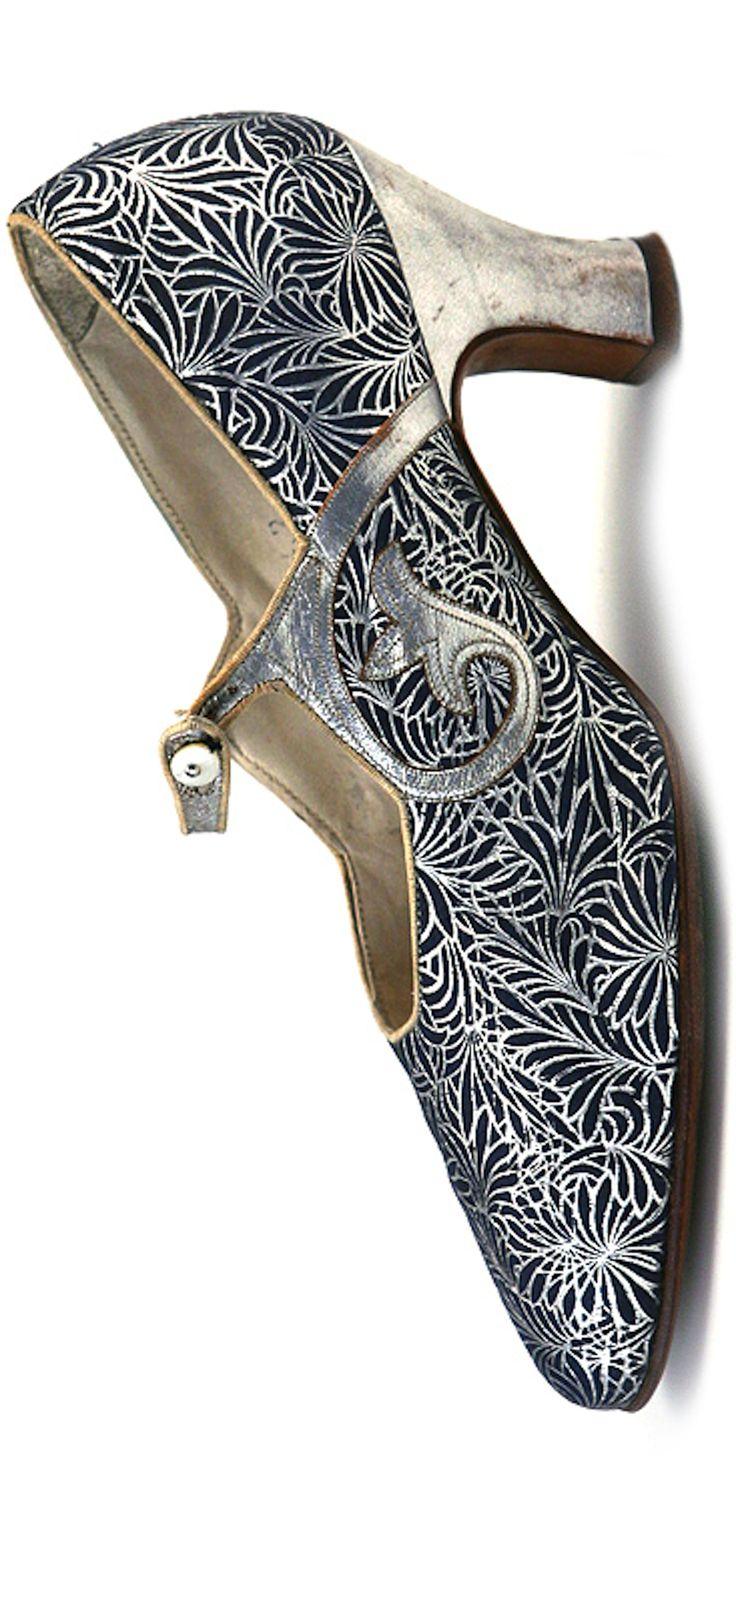 Vintage shoes - La Parisienne - Art Deco Pair of Blue & Silver Metallic Leather Shoes - 1920s - U.S.A.